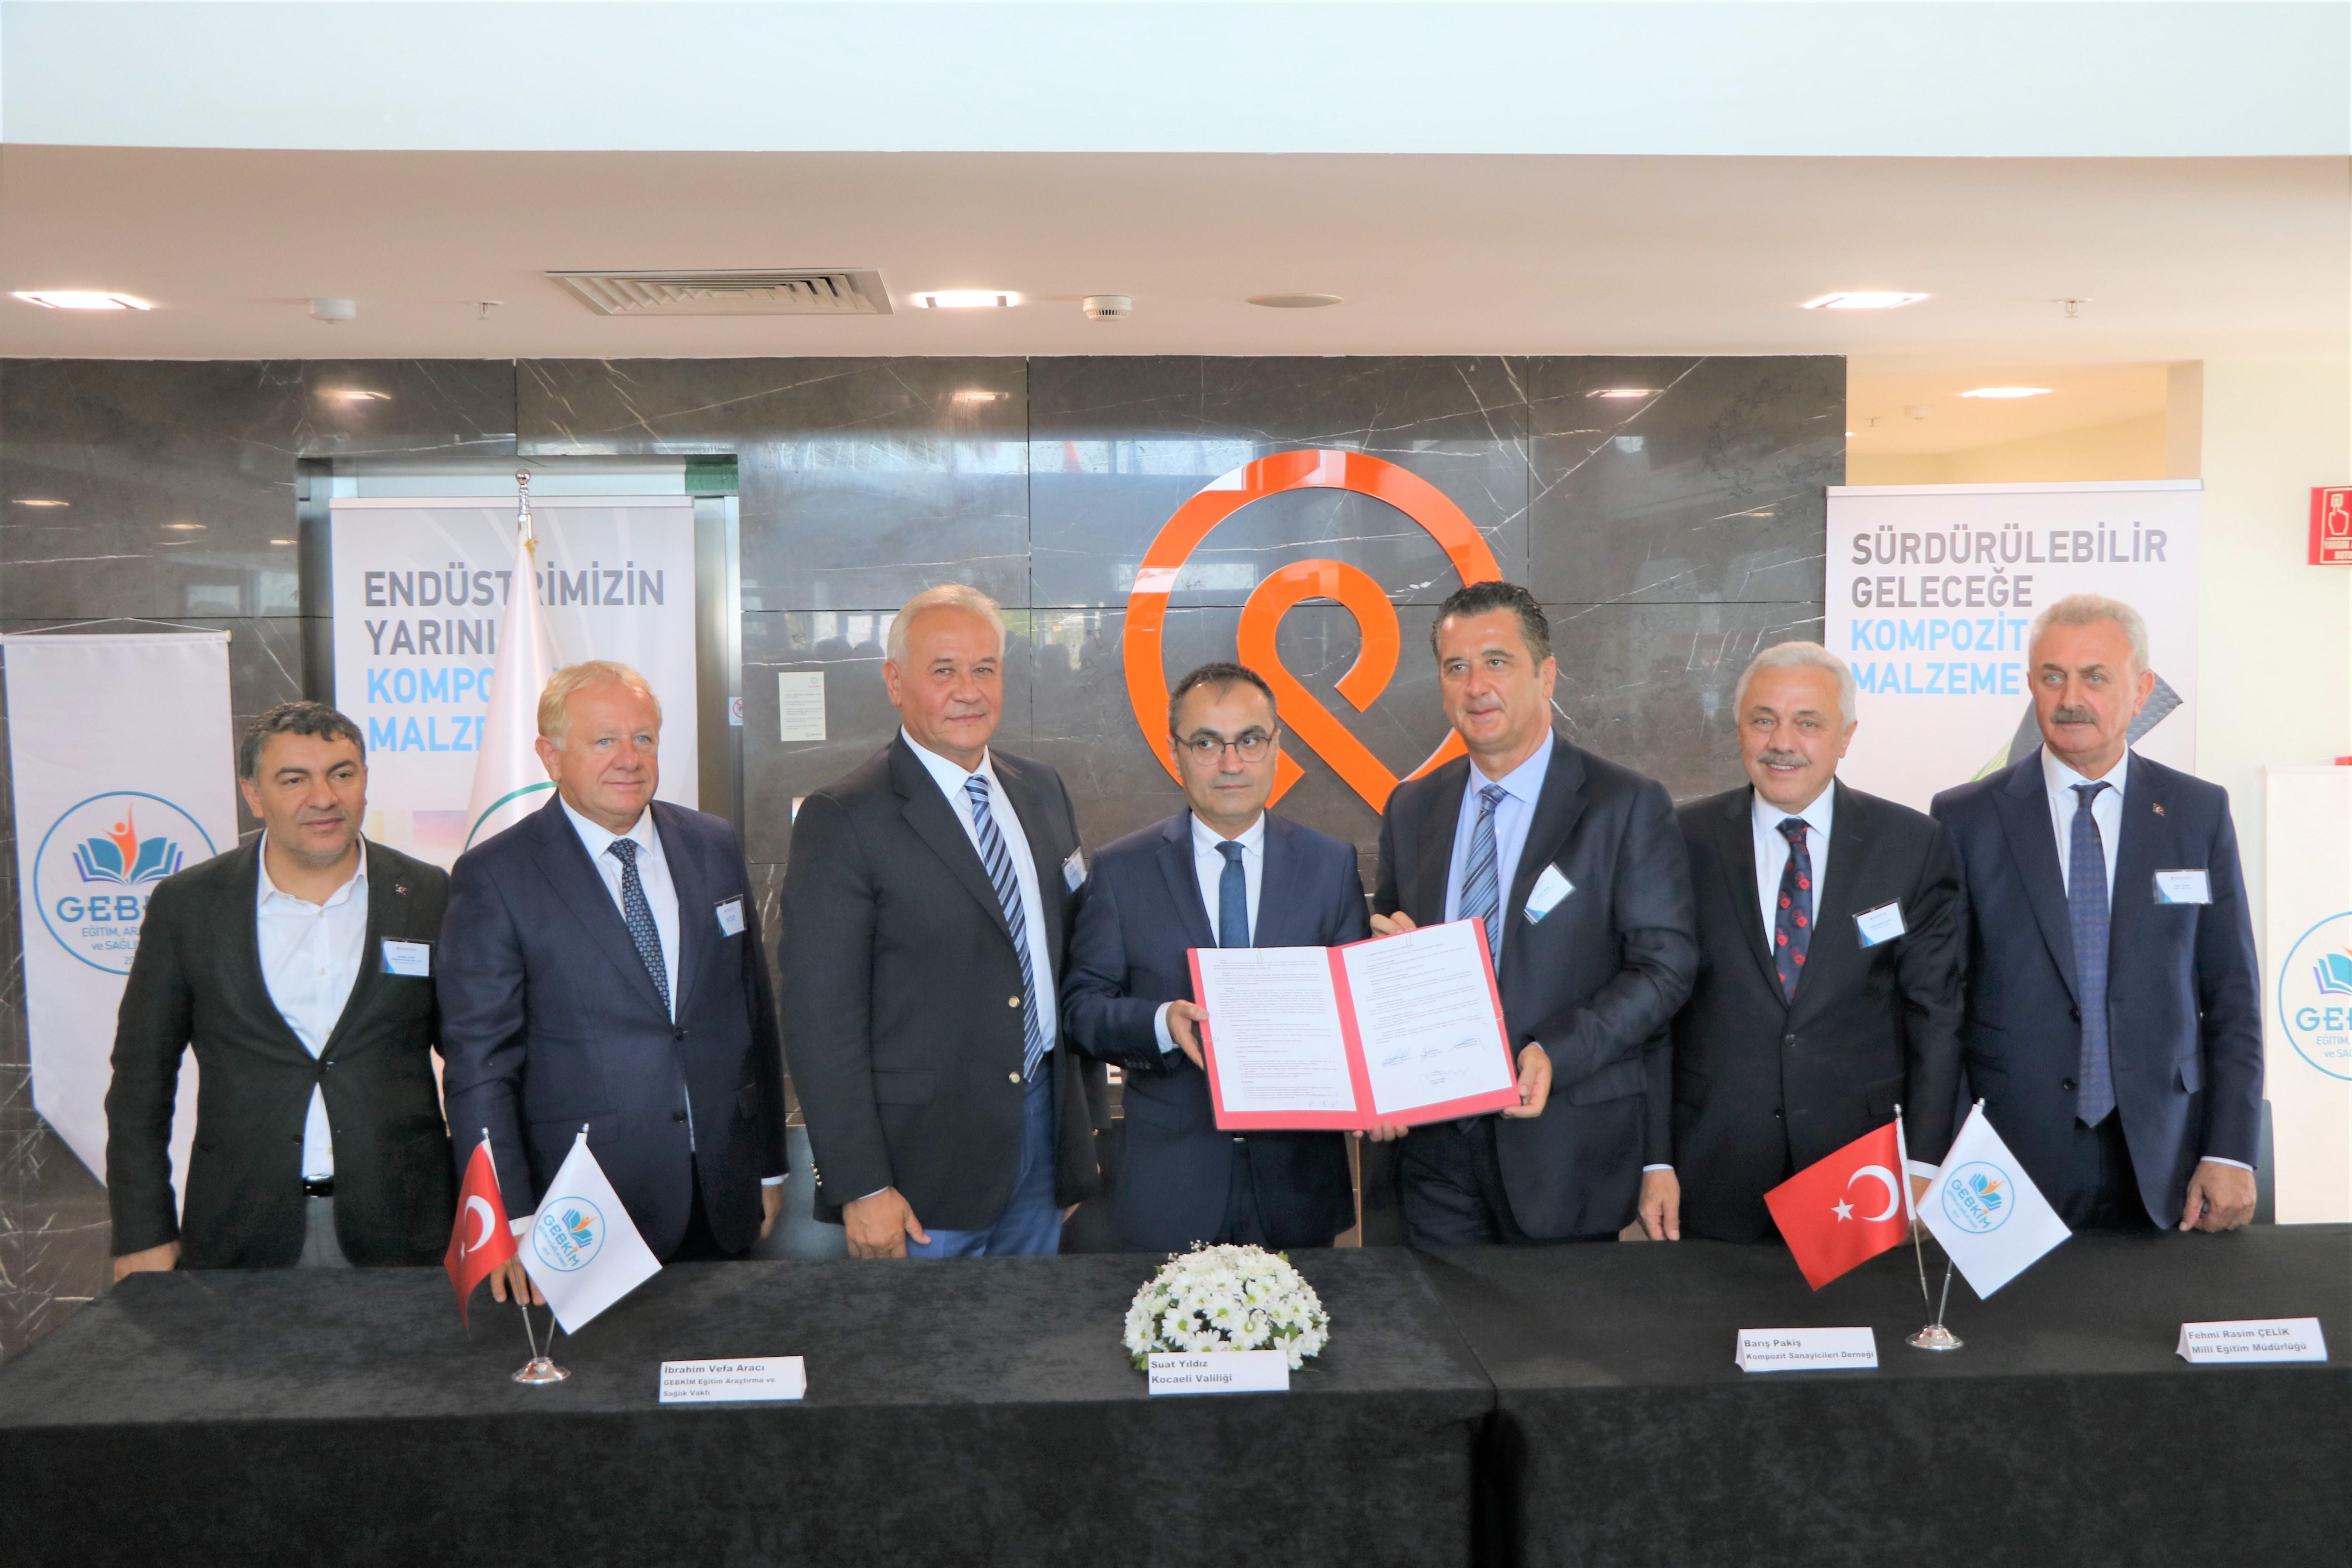 GEBKİM MTAL'de Kompozit Pilot Tesisi kurulması için imzalar atıldı